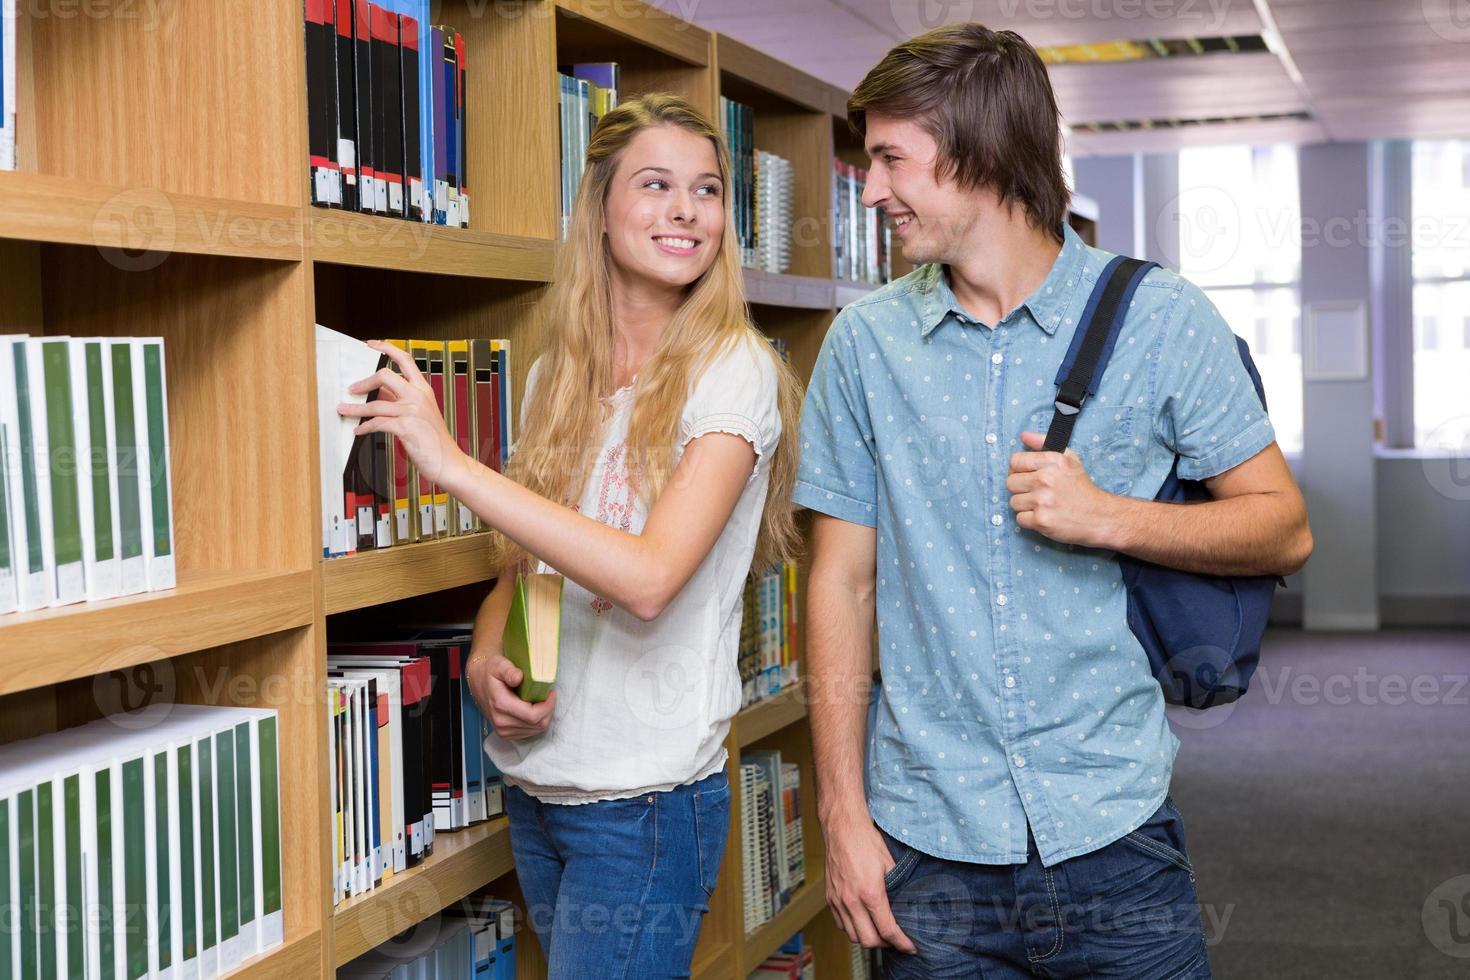 studenti che discutono in biblioteca foto